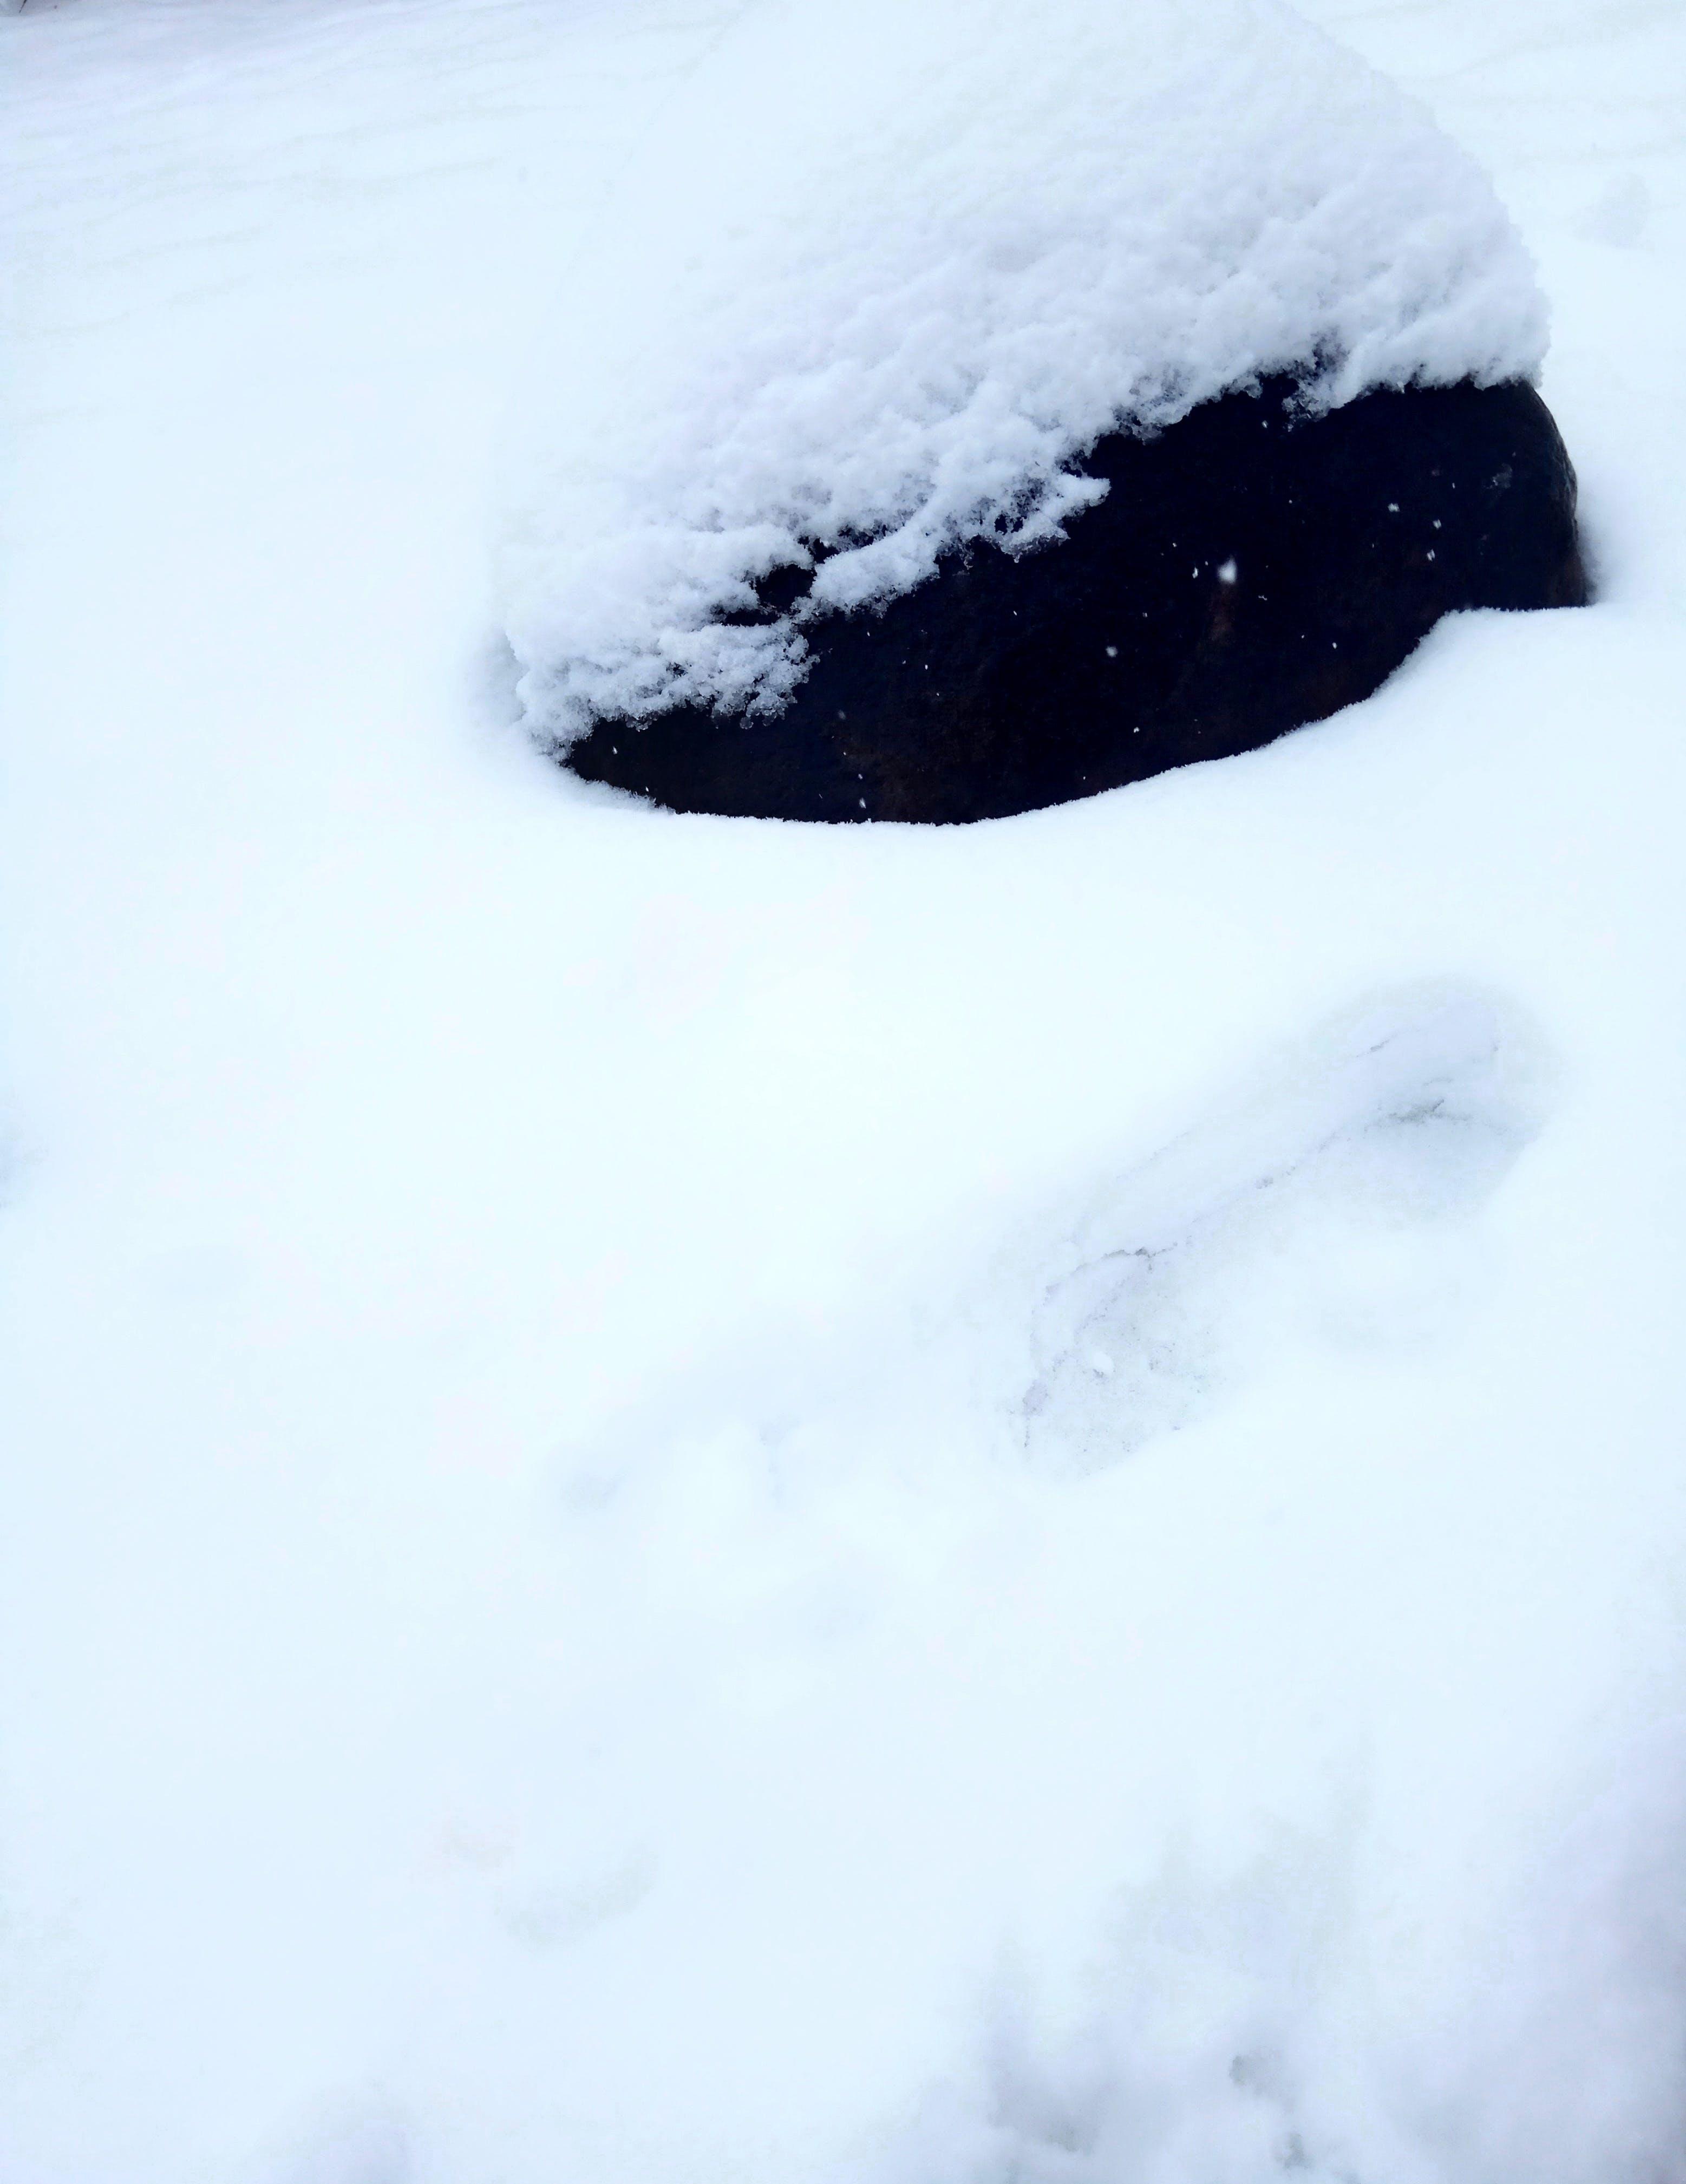 pedra nevada